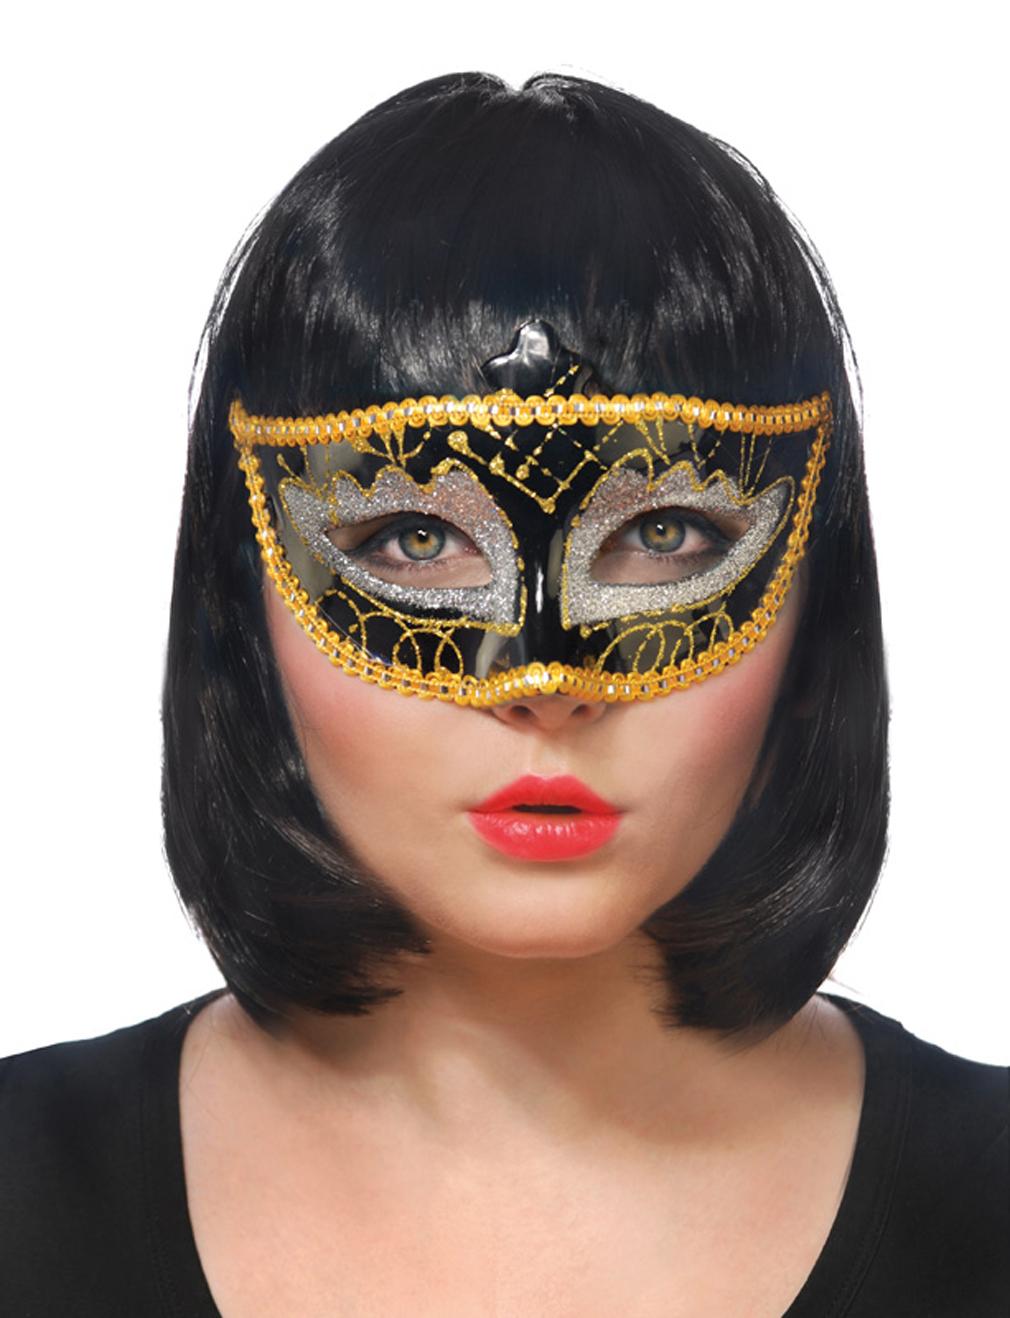 Party-Maske Fasching Maskenball Kaneval Gesichtsmaske gold silber Venedig Augenmaske